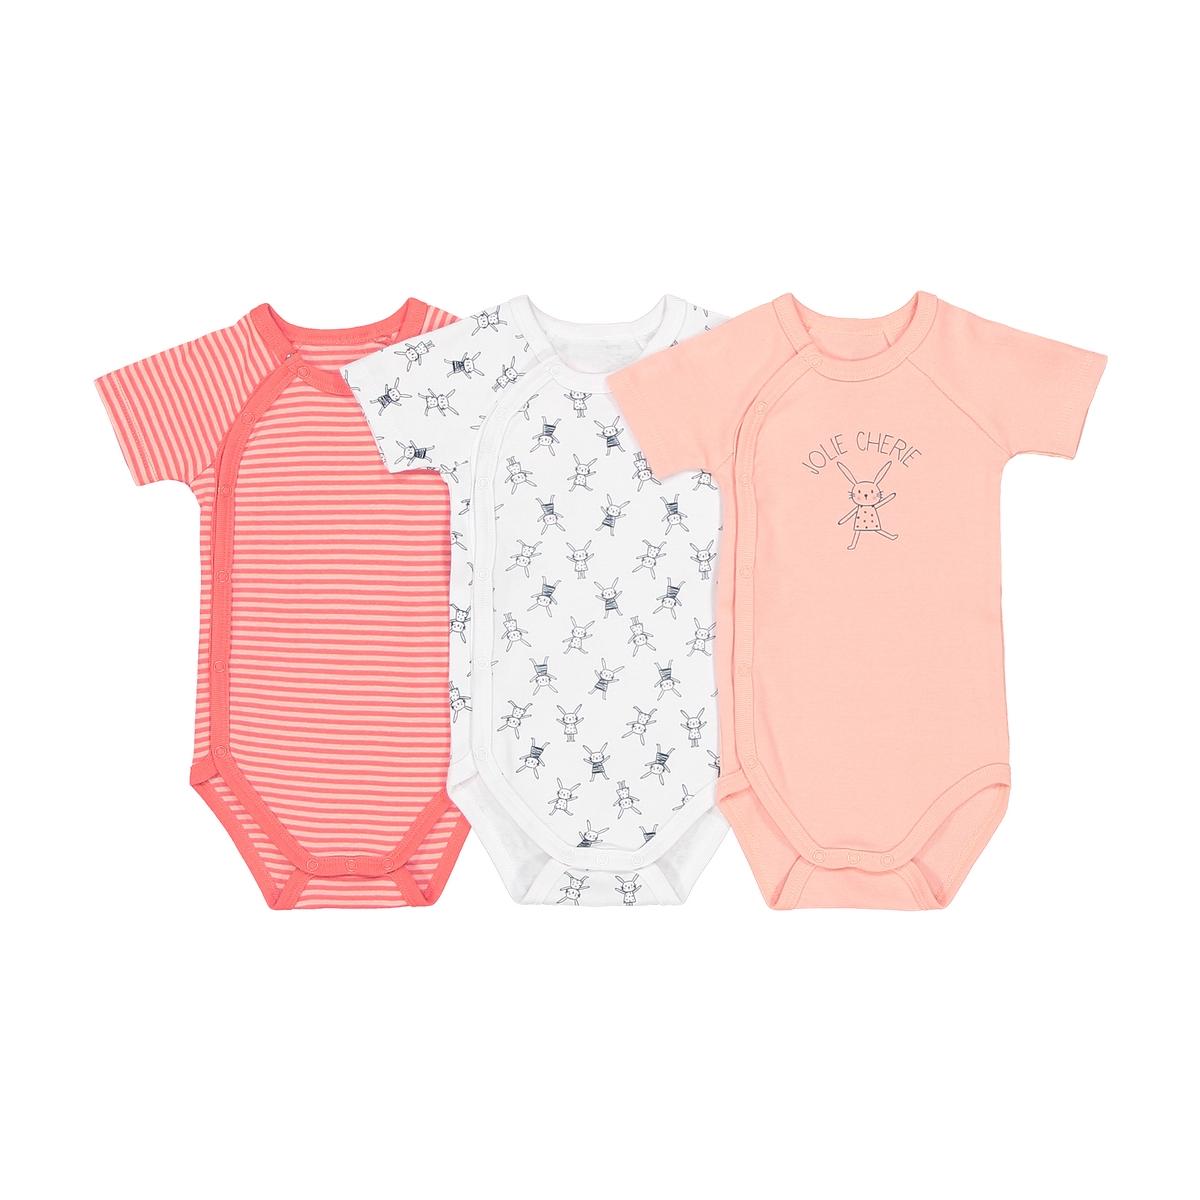 Lote de 3 bodies para recém-nascido, prematuro - 2 anos, Oeko Tex